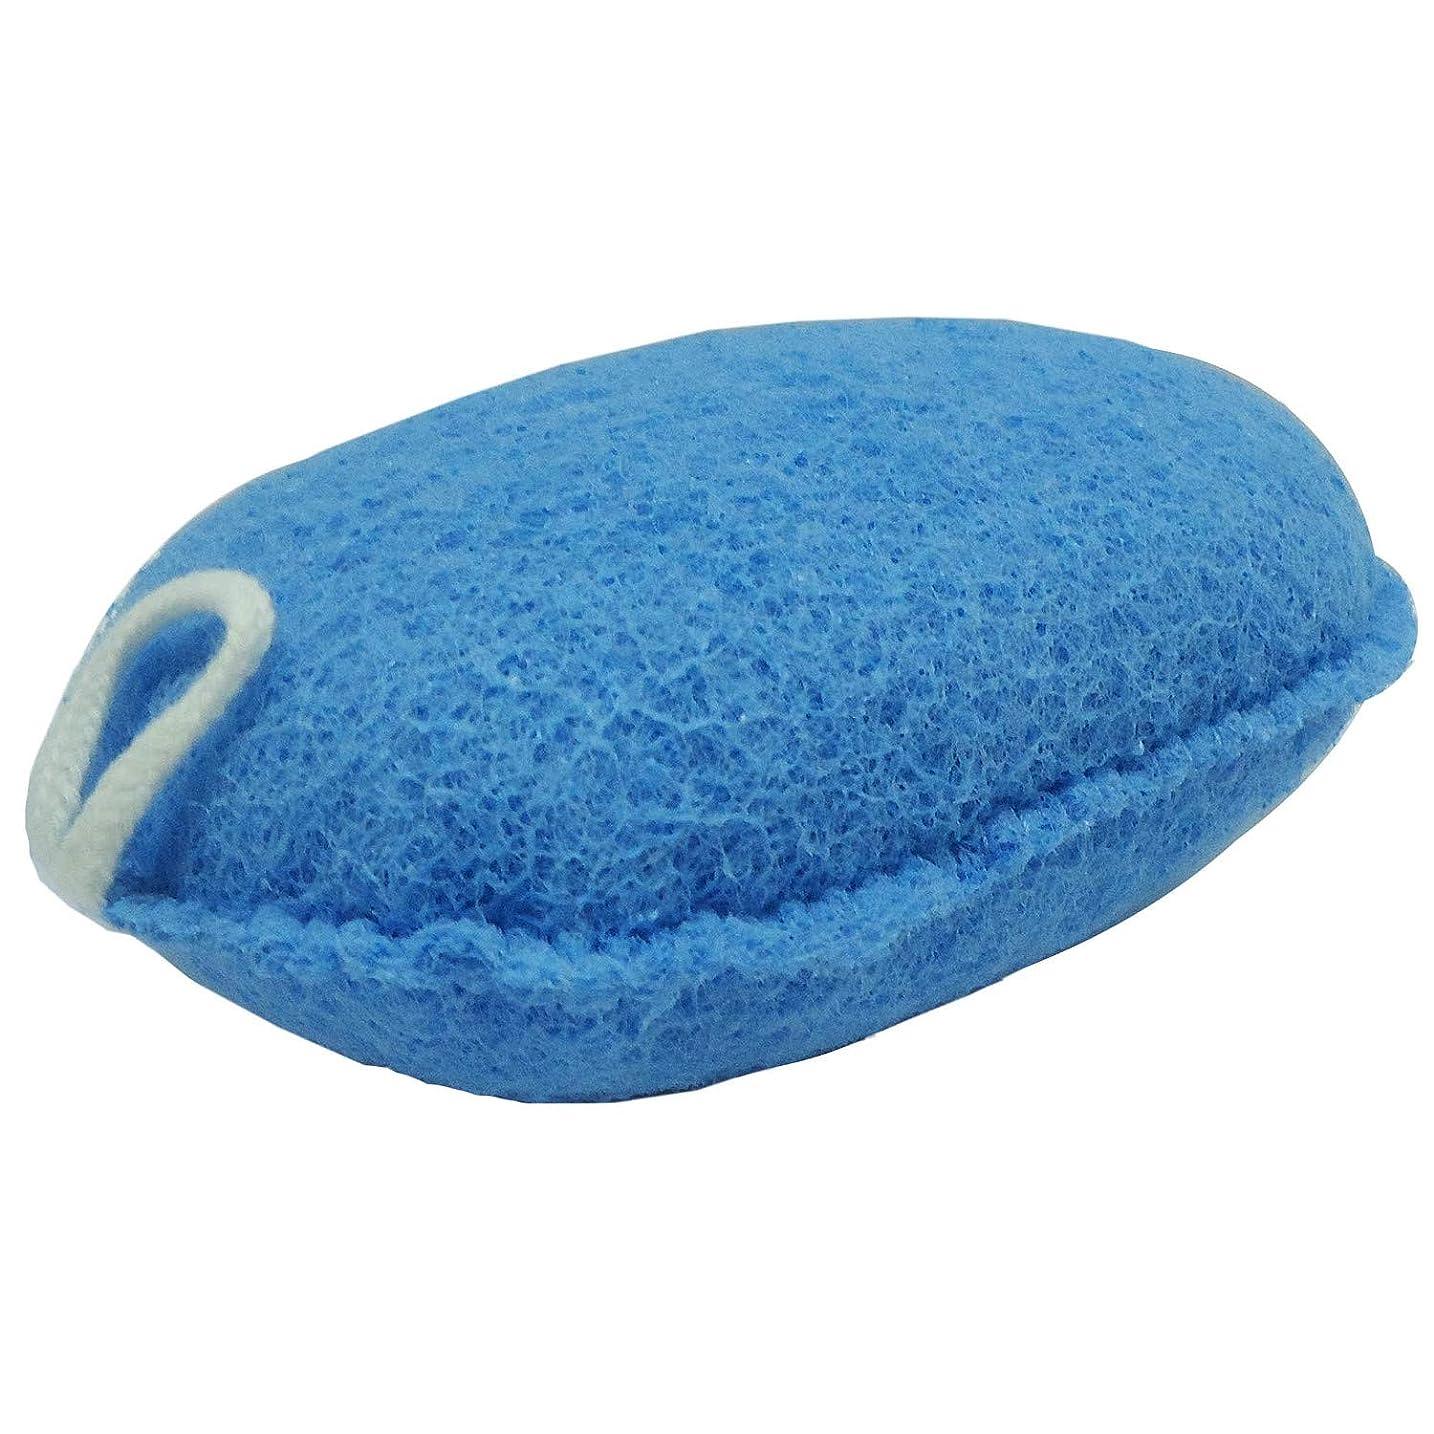 有罪インテリア時制オーエ ボディスポンジ ブルー 約縦14.5×横9.5×奥行5cm nf ヘチマボール 体洗い 泡立ち